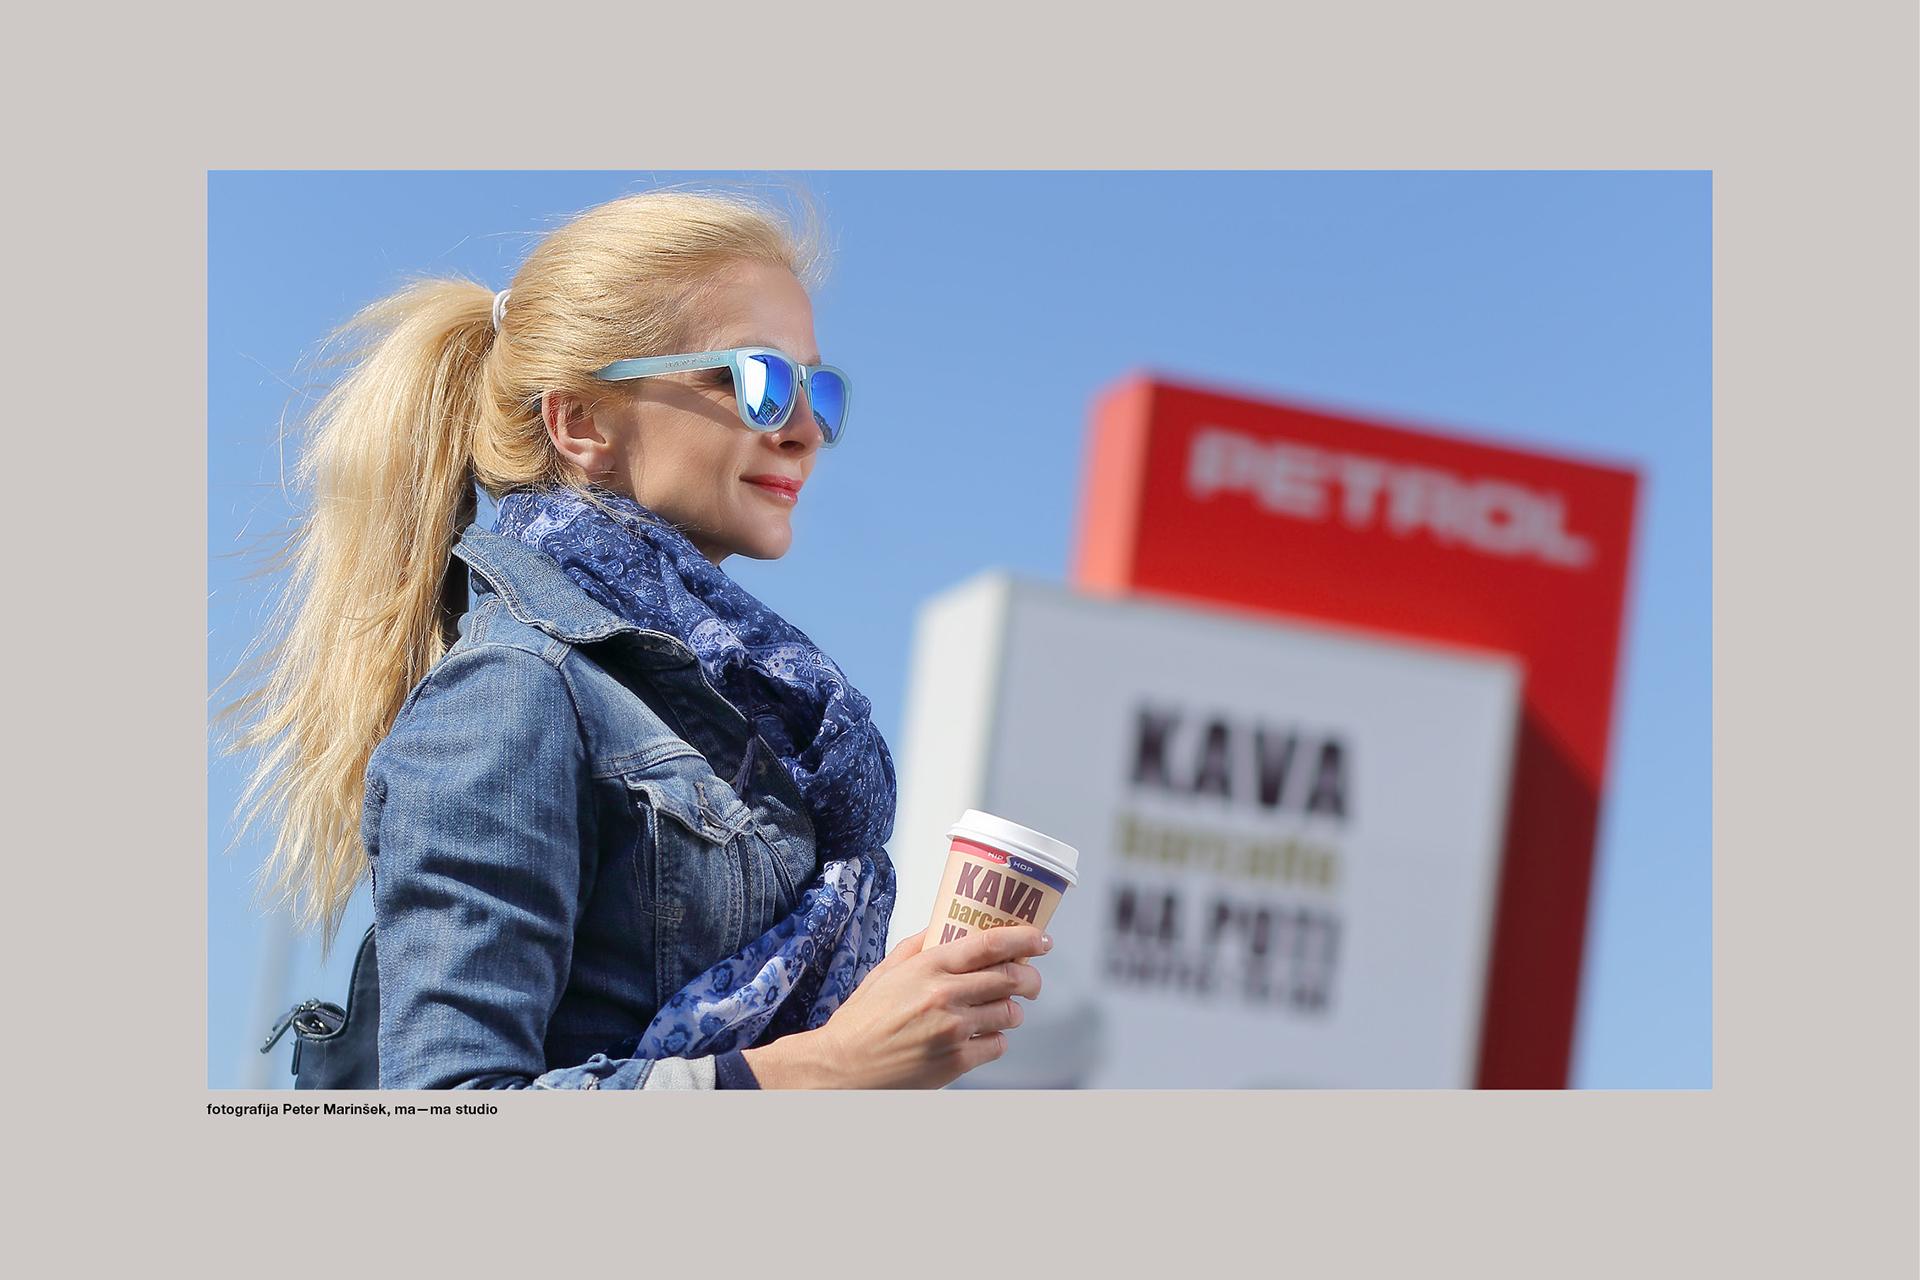 petrol_peter_marinsek_ma-ma_marinsek5